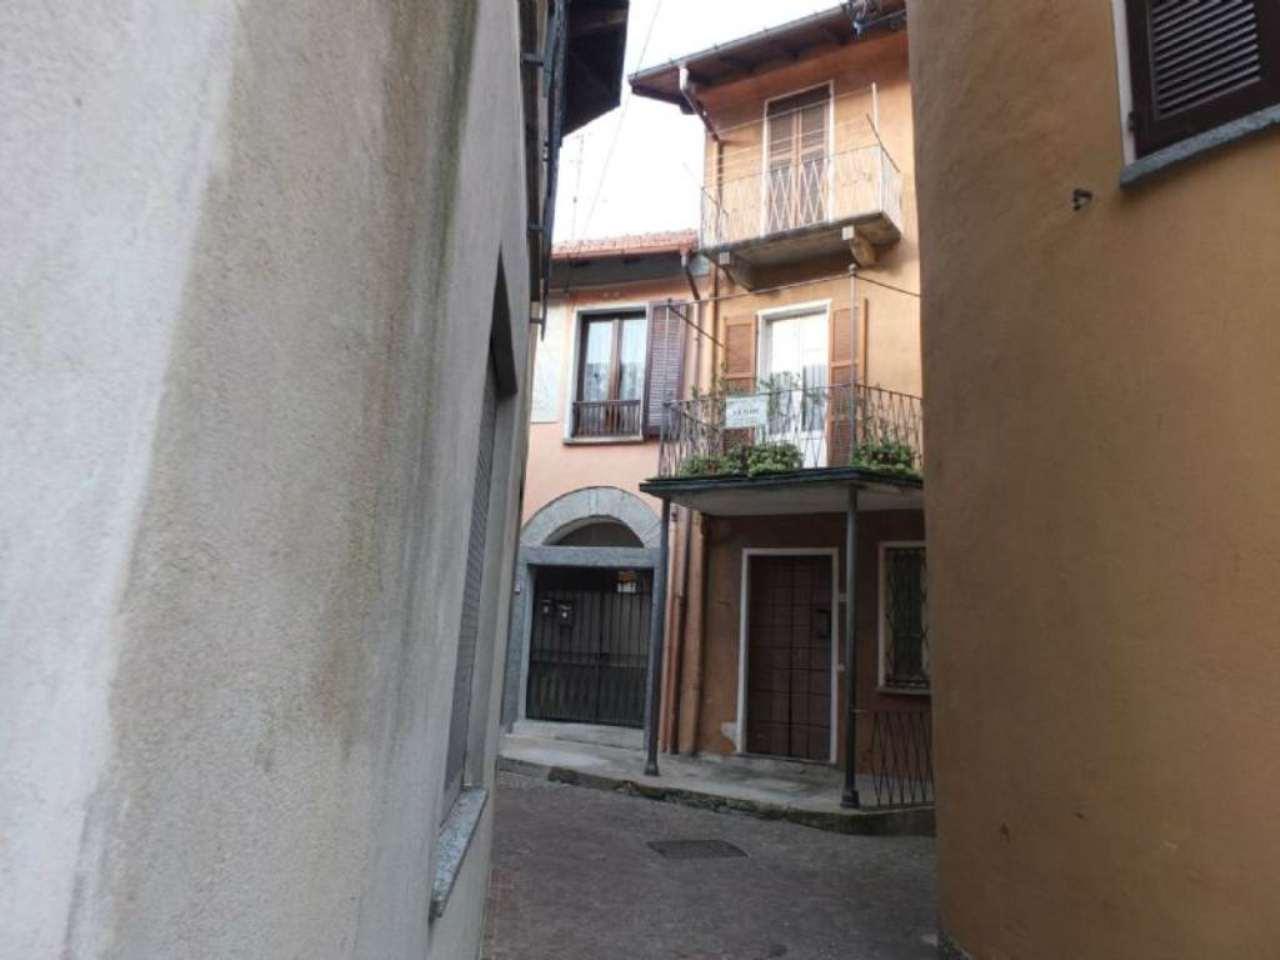 Soluzione Semindipendente in vendita a Maccagno con Pino e Veddasca, 4 locali, prezzo € 55.000 | CambioCasa.it